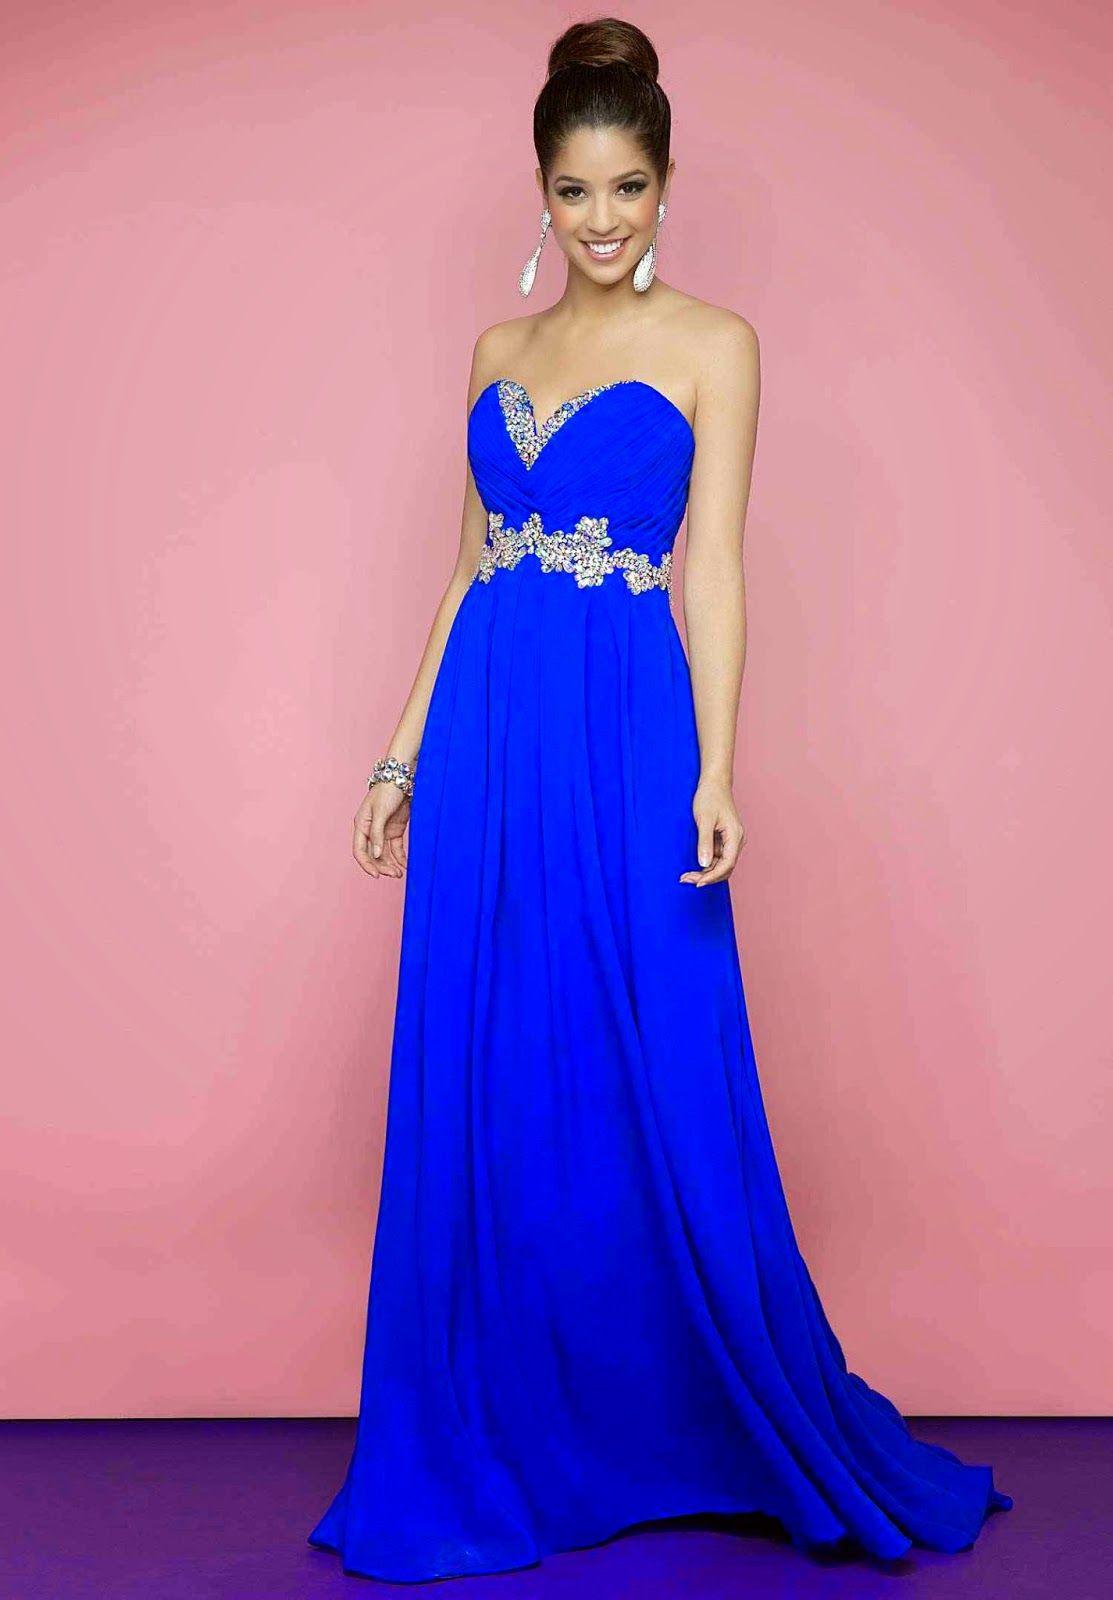 Estupendos vestidos de fiesta | Moda y Tendencias | ropa | Pinterest ...